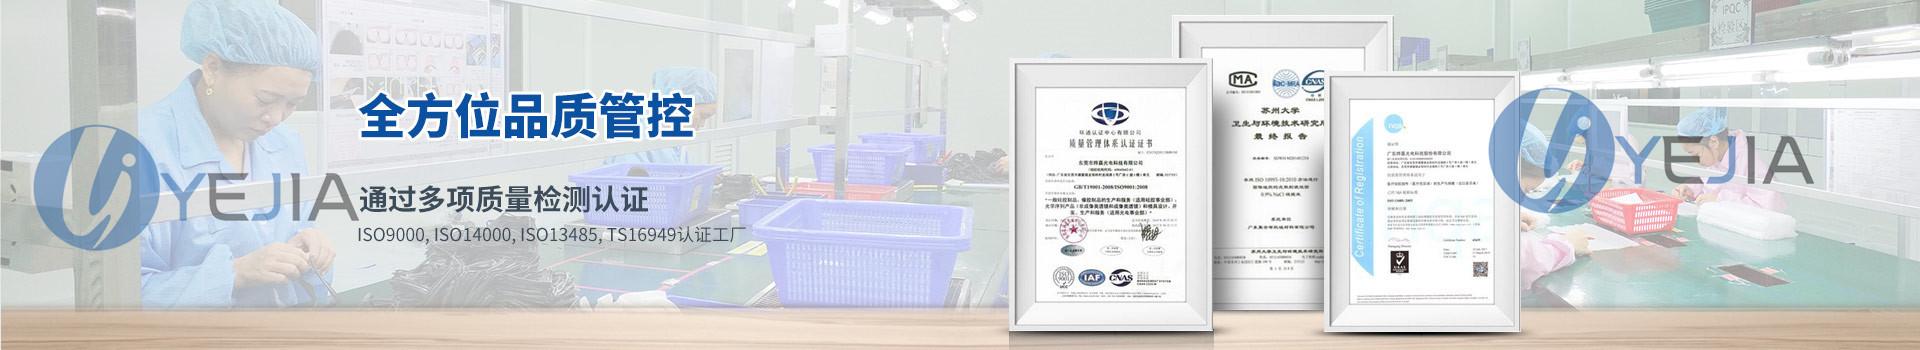 烨嘉光电全方位品质管控 通过多项质量检测认证